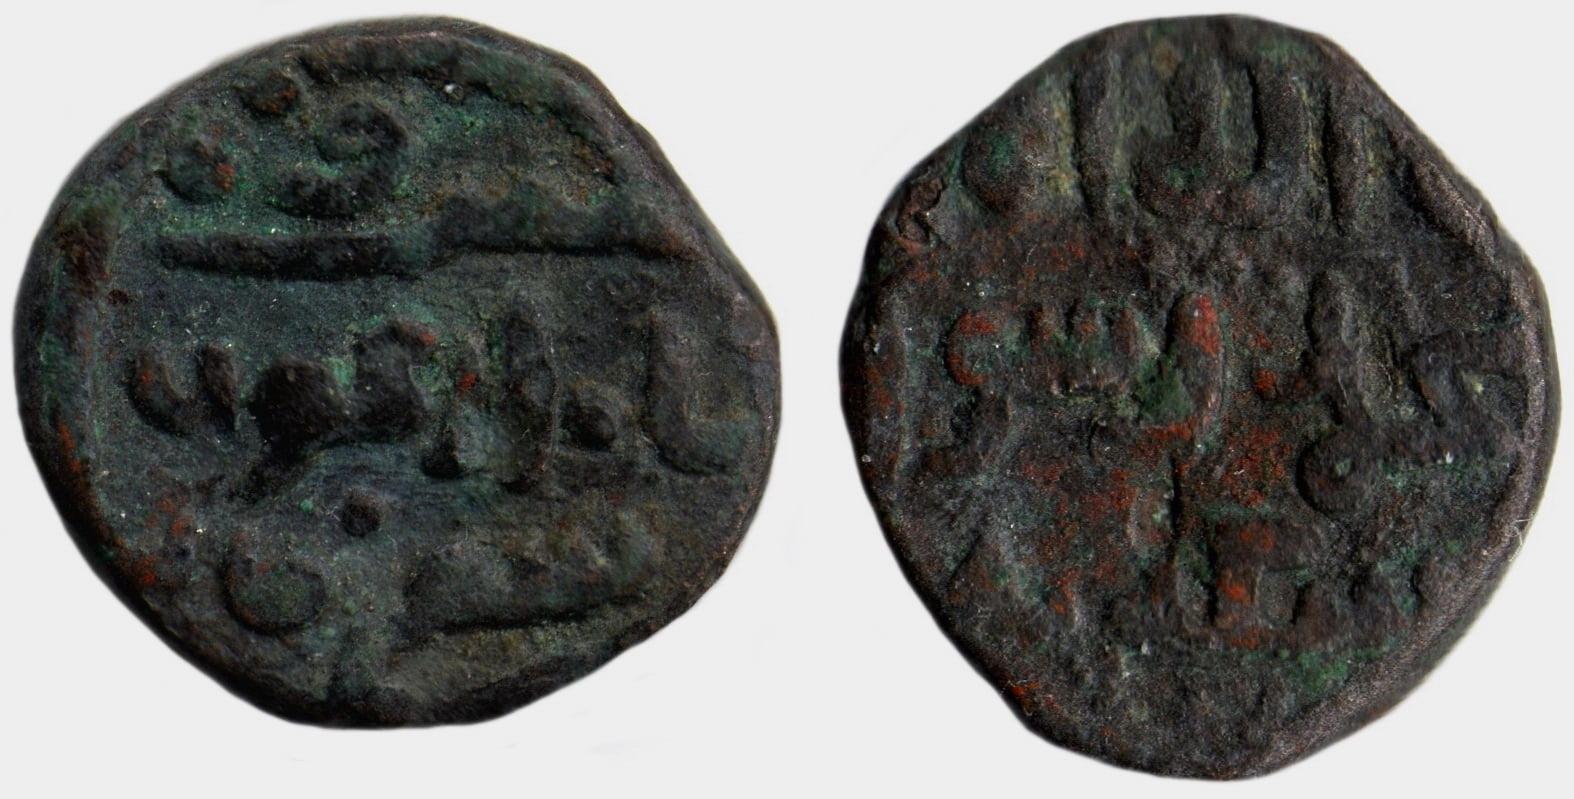 Ilkhans, AE jital, Arghun Khan, Shafurqan